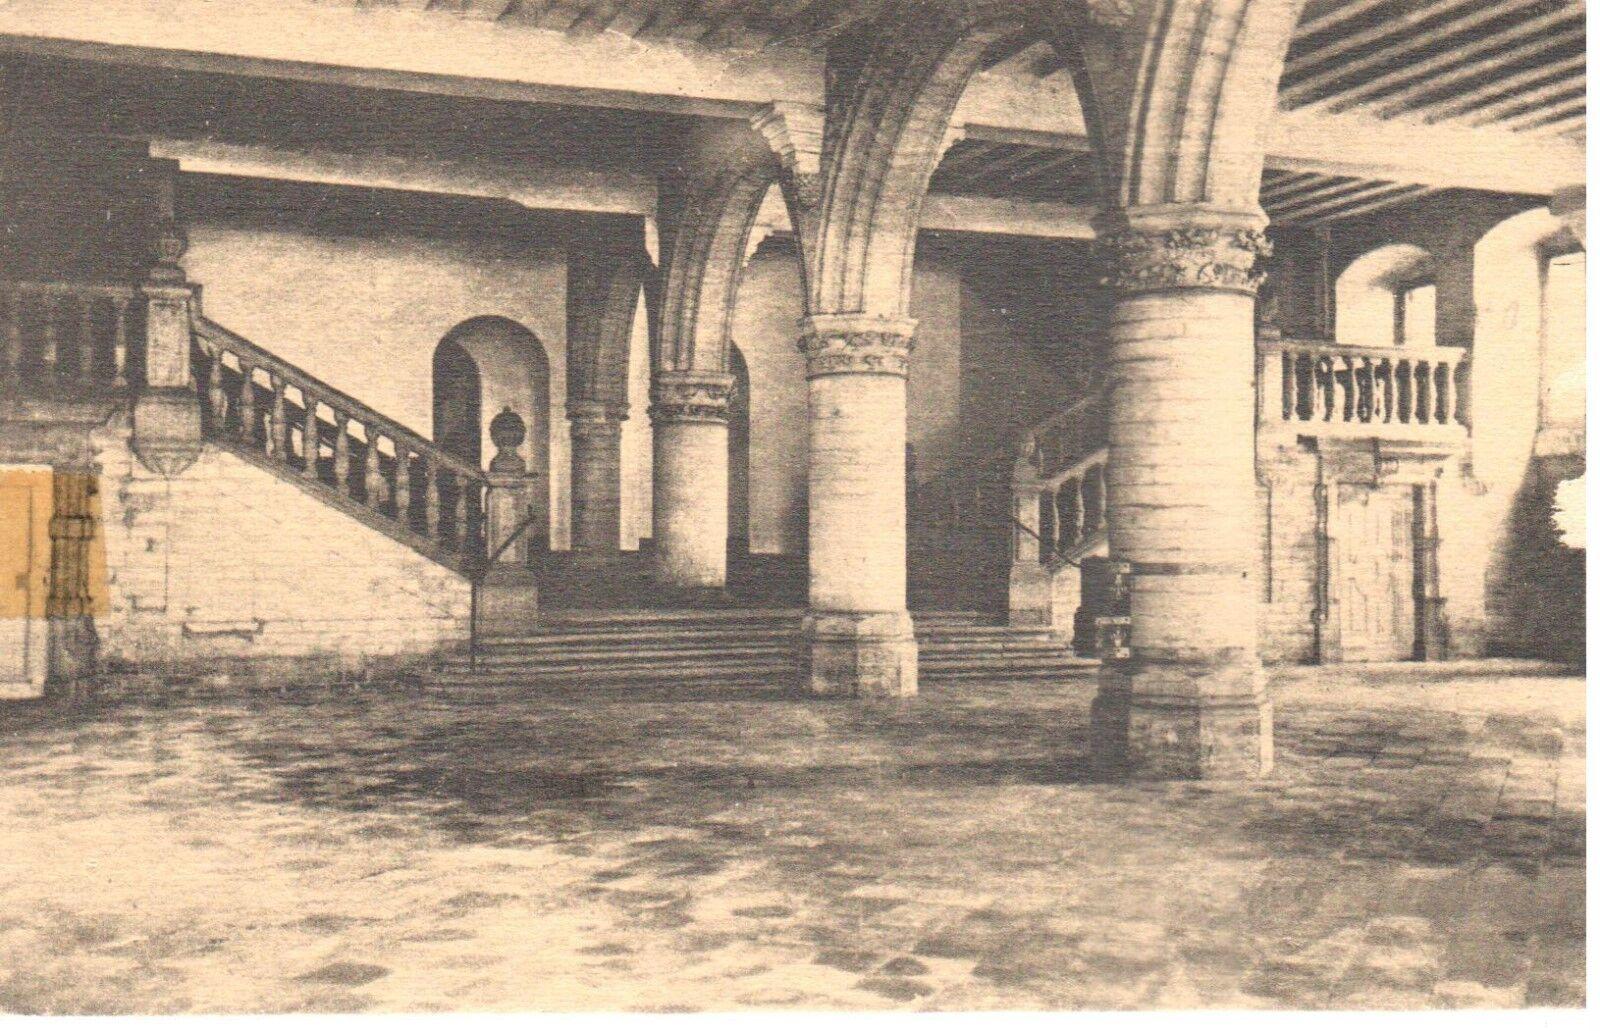 carte postale - Leuven - Louvain - CPA - Anciennes Halles aux draps